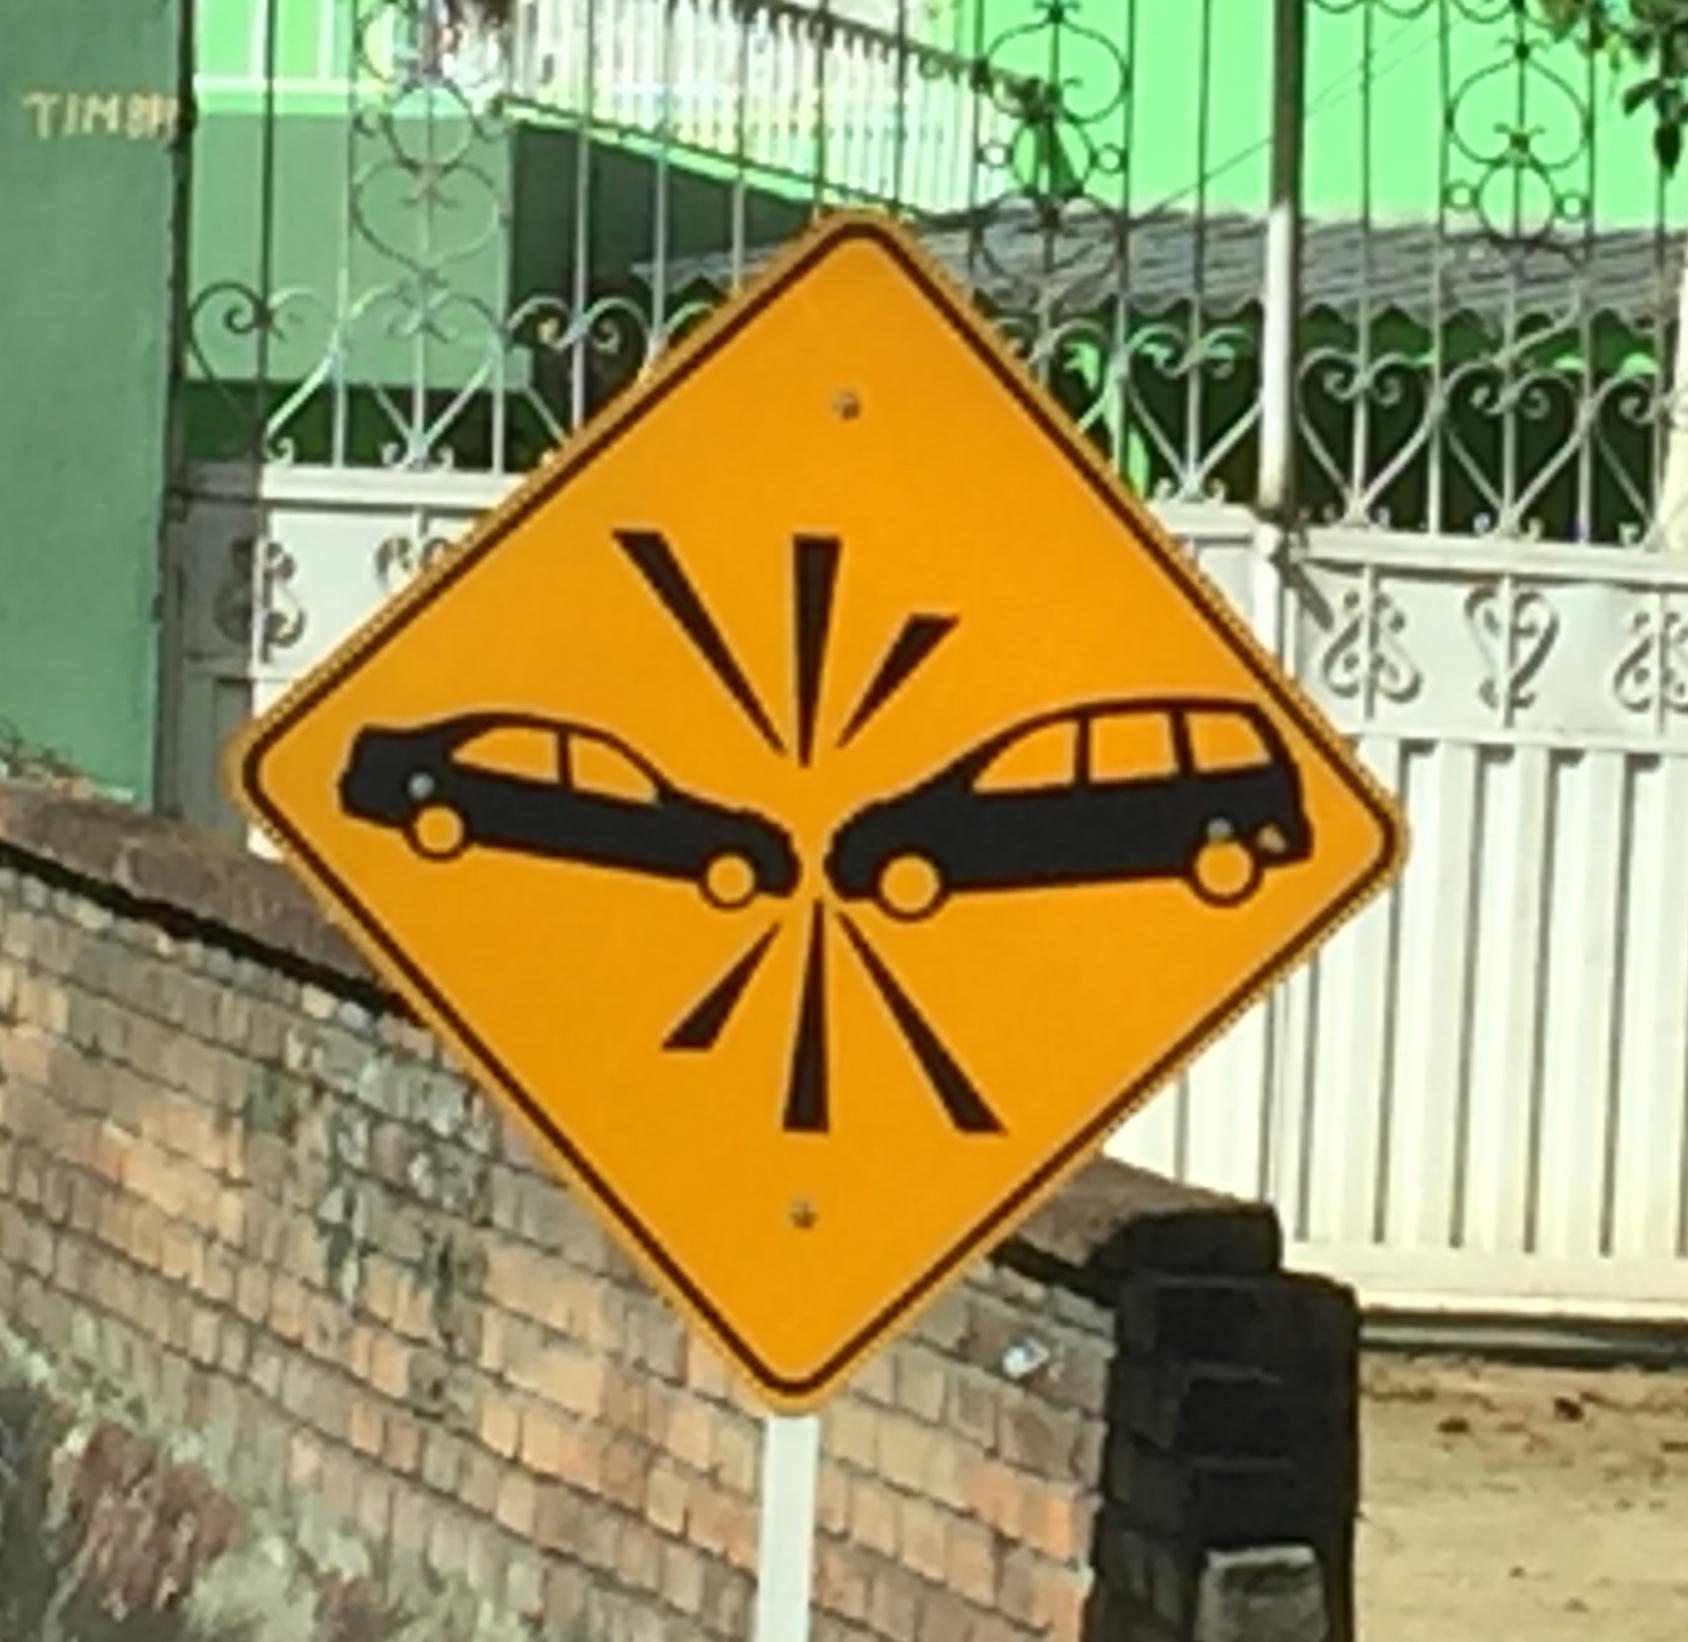 überall zu finden diese Strassentafel